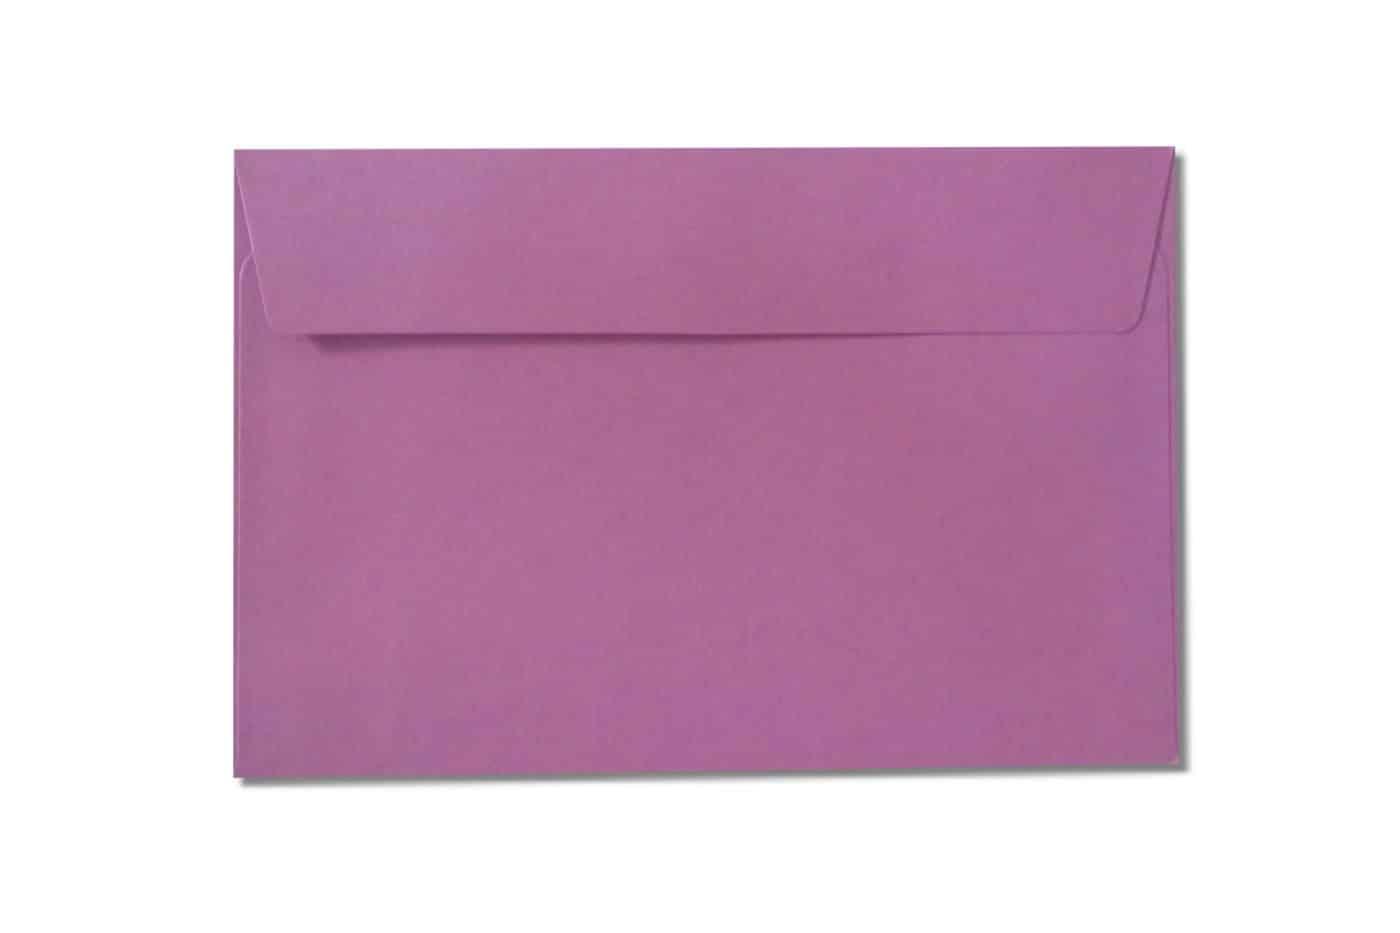 c6 c5 purple envelopes 110gsm